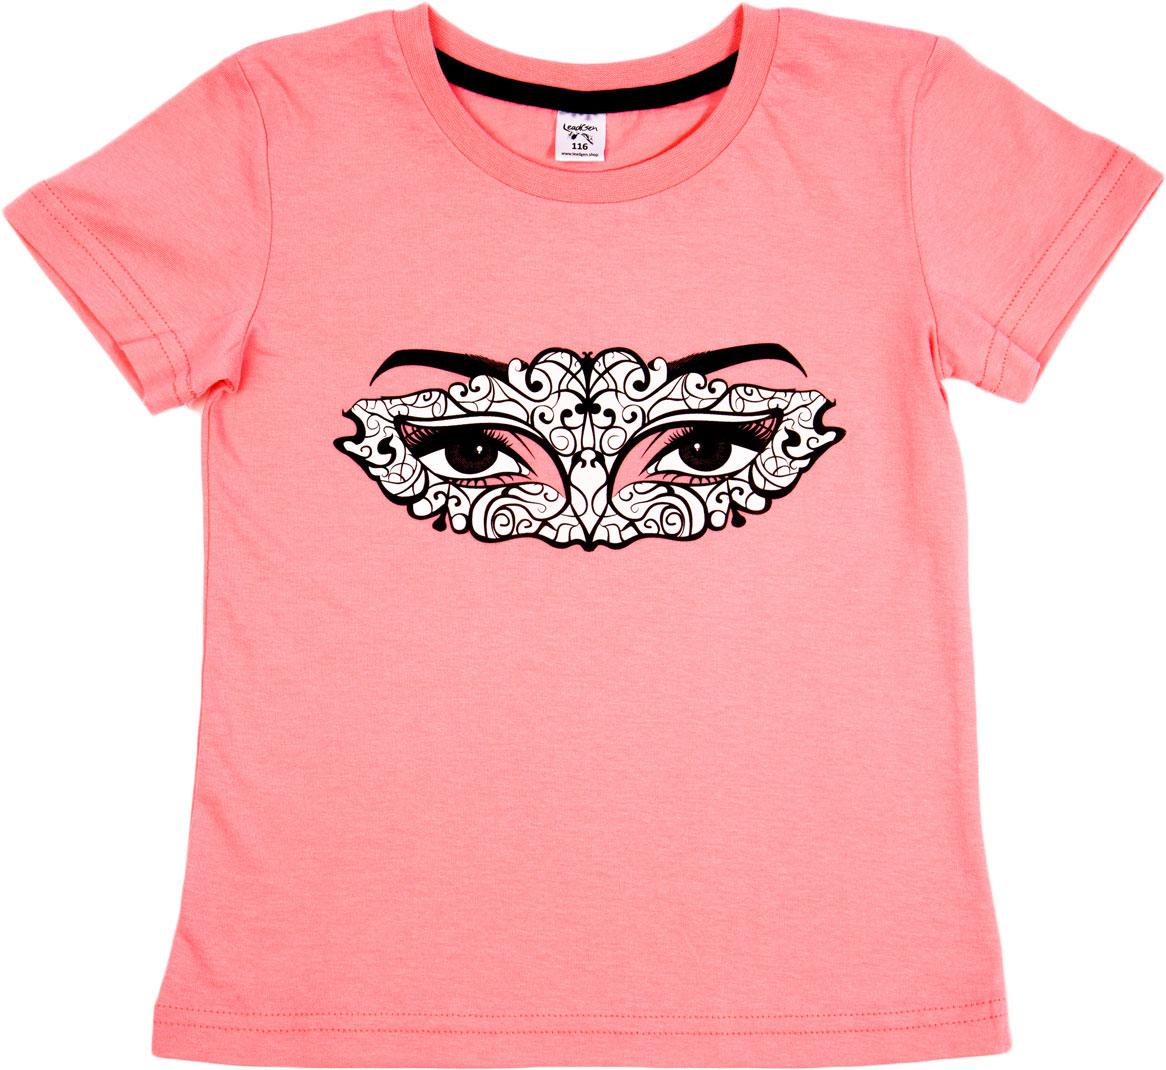 Футболка для девочки LeadGen, цвет: розовый. G613049016-171. Размер 128G613049016-171Футболка для девочки LeadGen выполнена из натурального хлопкового трикотажа. Модель с короткими рукавами и круглым вырезом горловины спереди оформлена принтом.